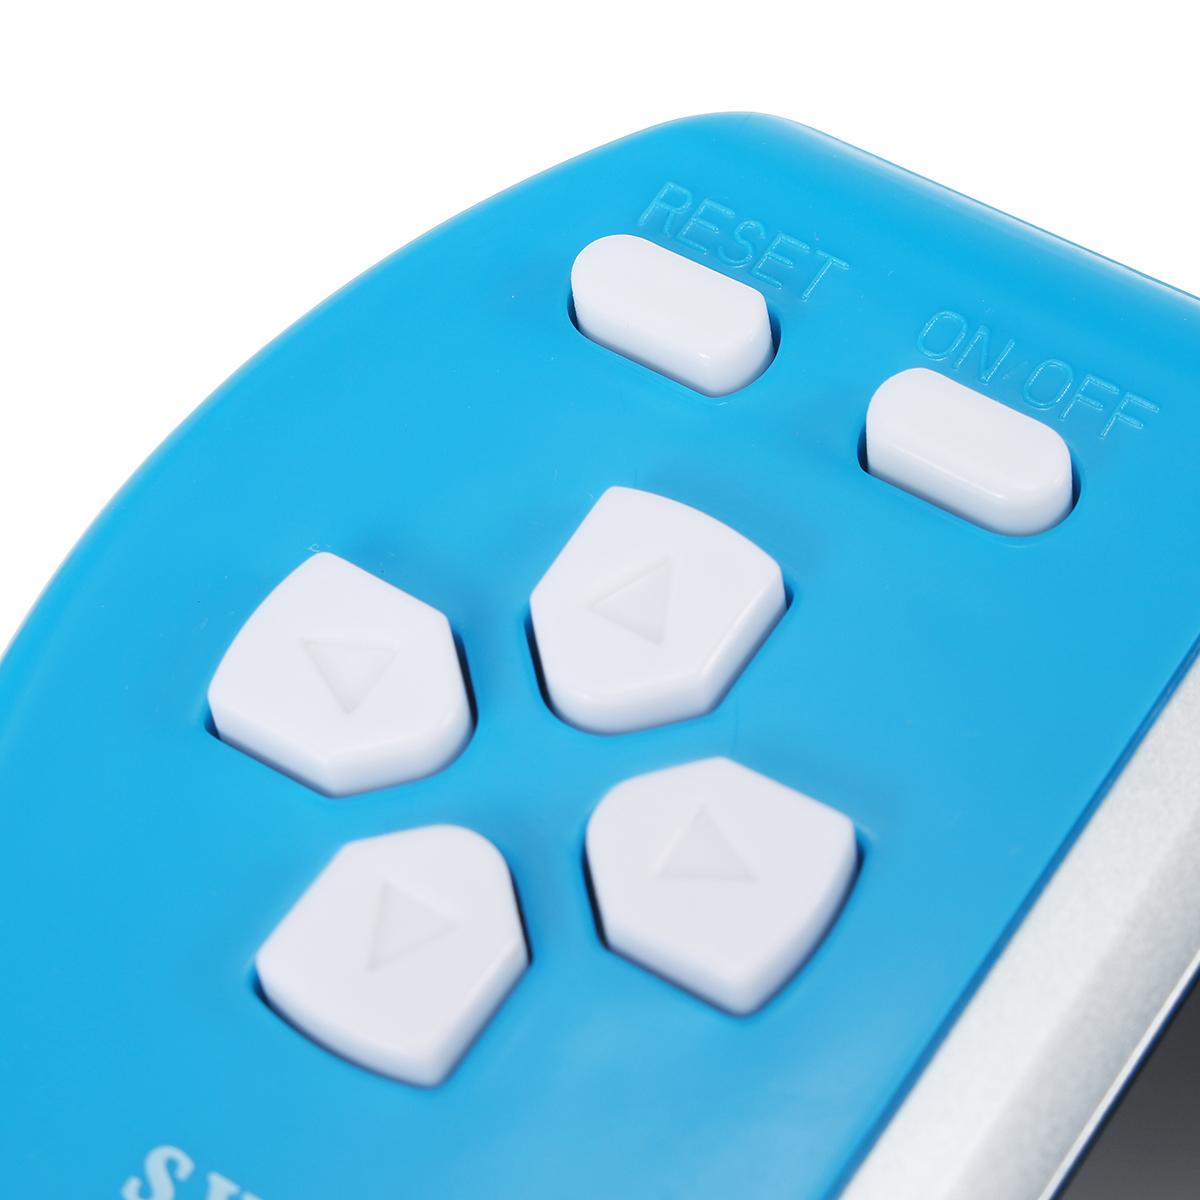 Portatil-230-Retro-Juego-Ganming-Consola-Video-Juegos-1-8-Inch-Pantalla-Juguetes